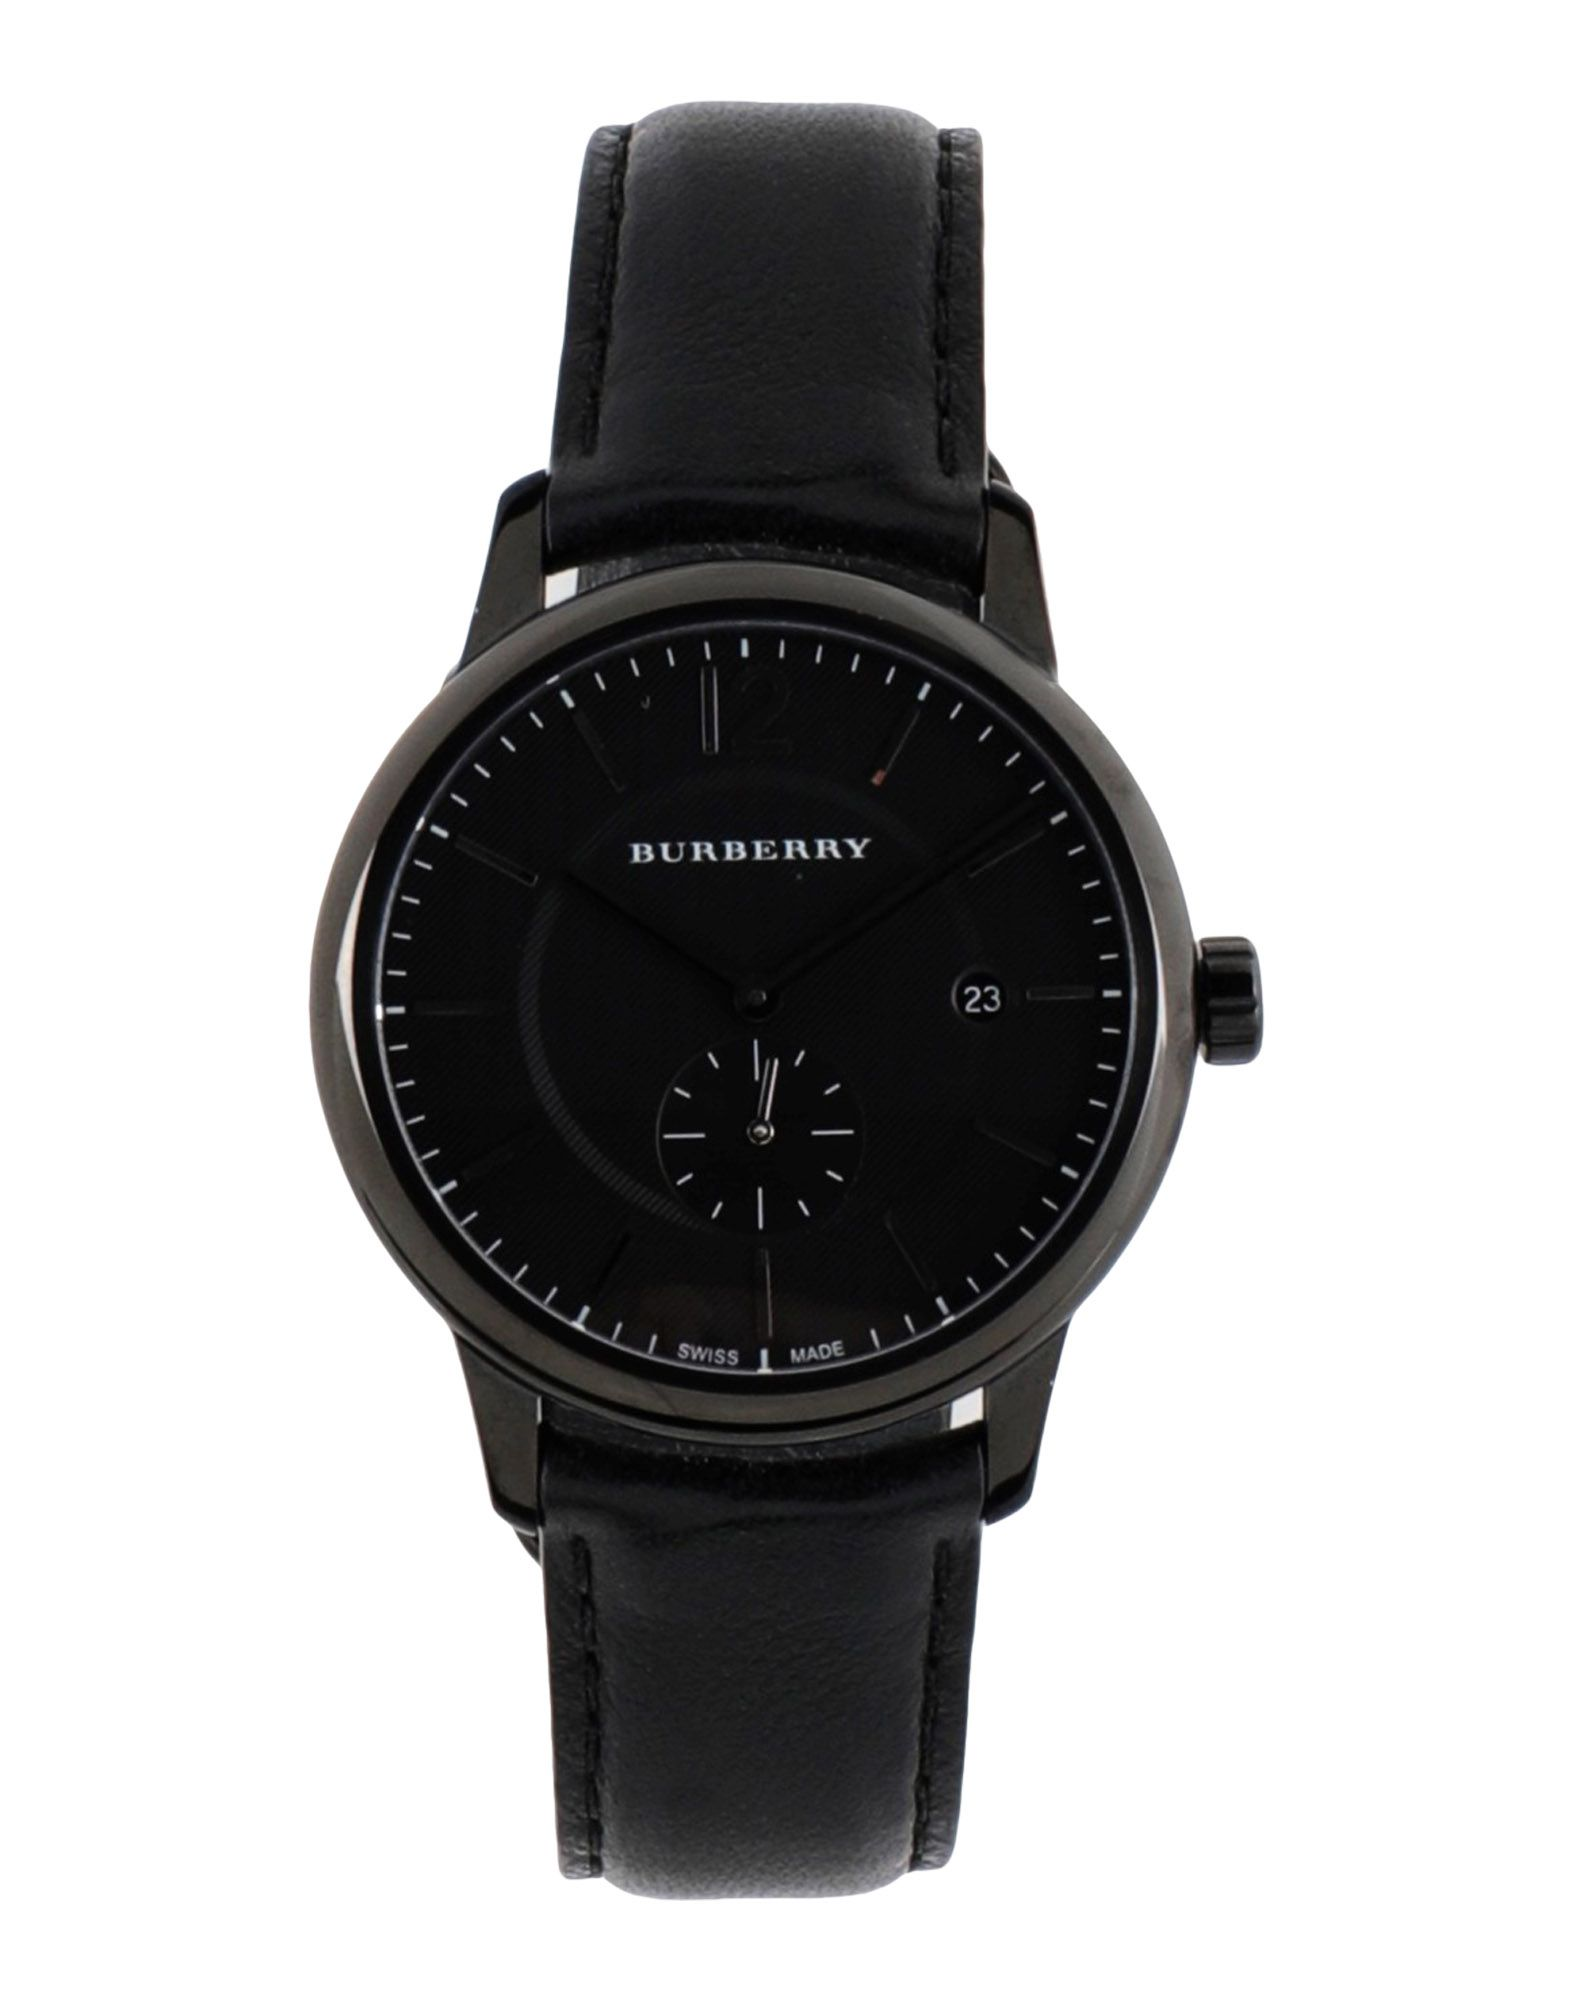 《送料無料》BURBERRY レディース 腕時計 ブラック 革